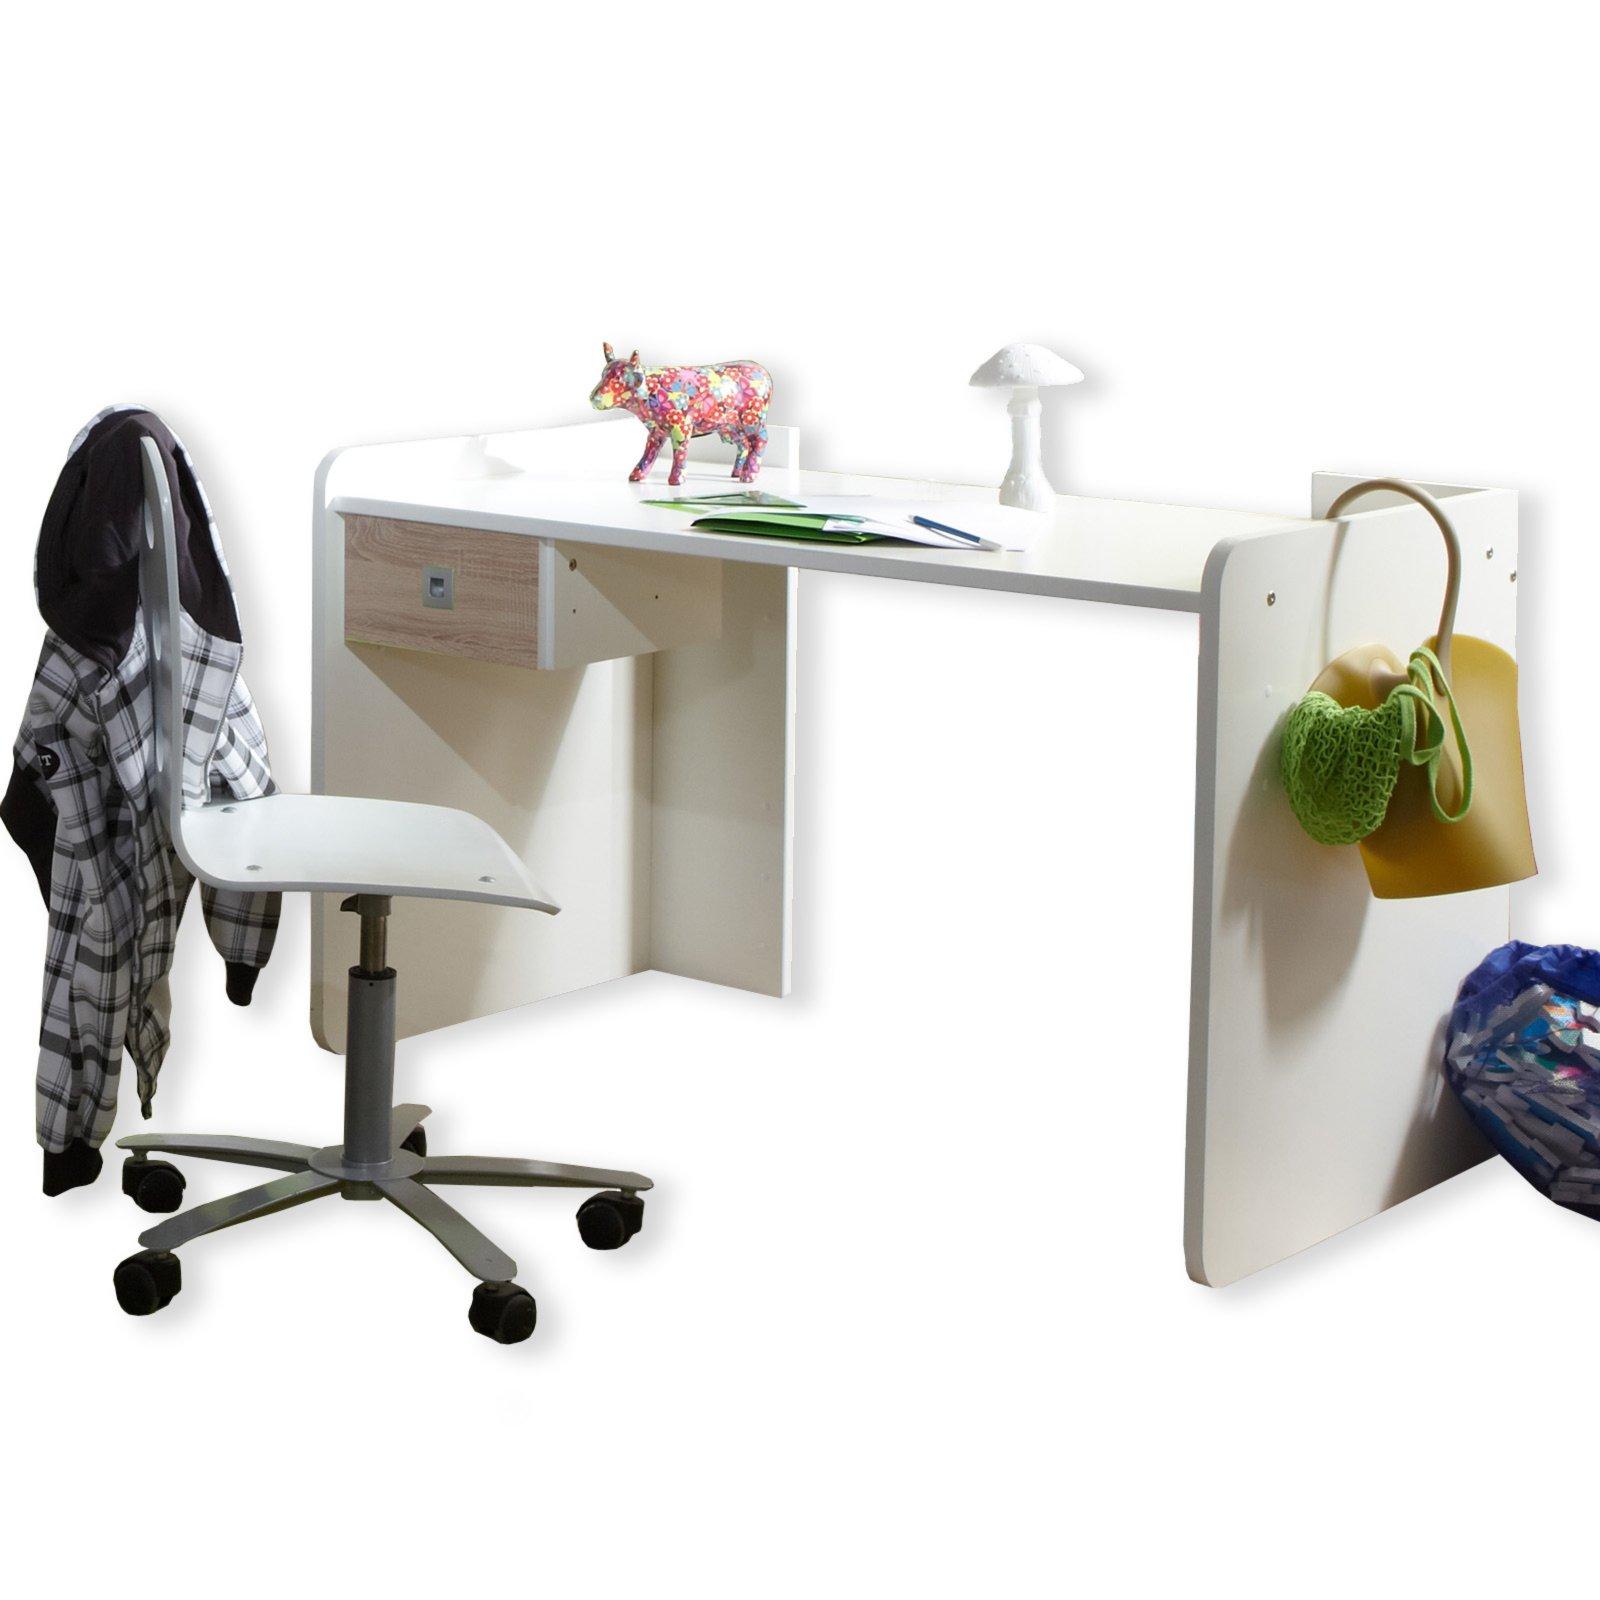 schreibtisch sunny alpinwei 125x77 cm schreibtische m bel m belhaus roller. Black Bedroom Furniture Sets. Home Design Ideas